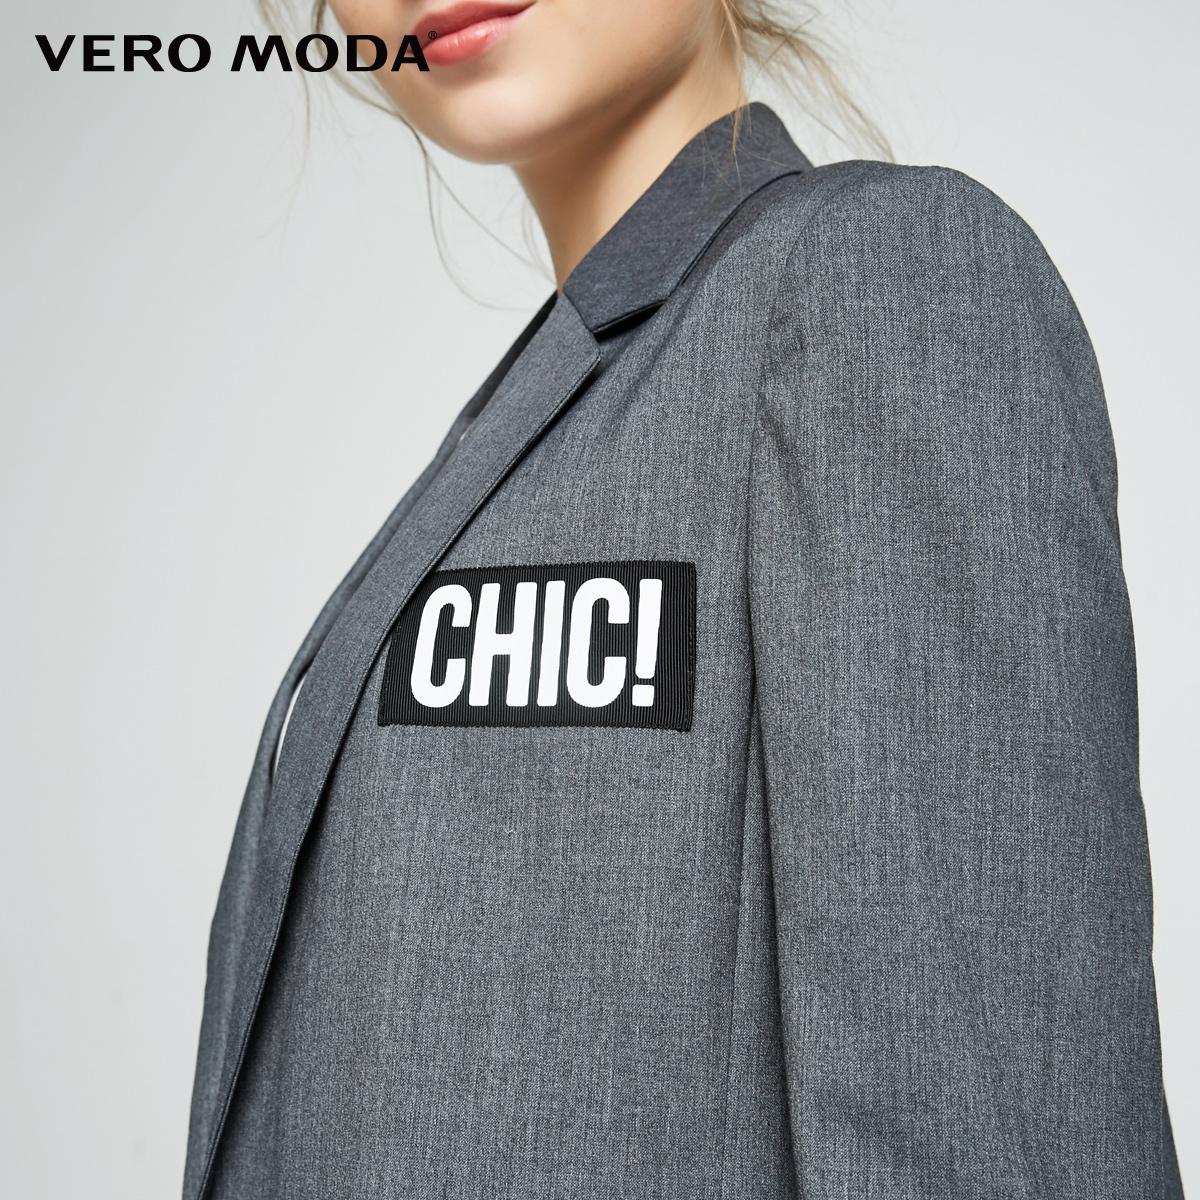 Vero Moda thời trang vá yếu tố bảy điểm tay áo phù hợp với bình thường | 317308522